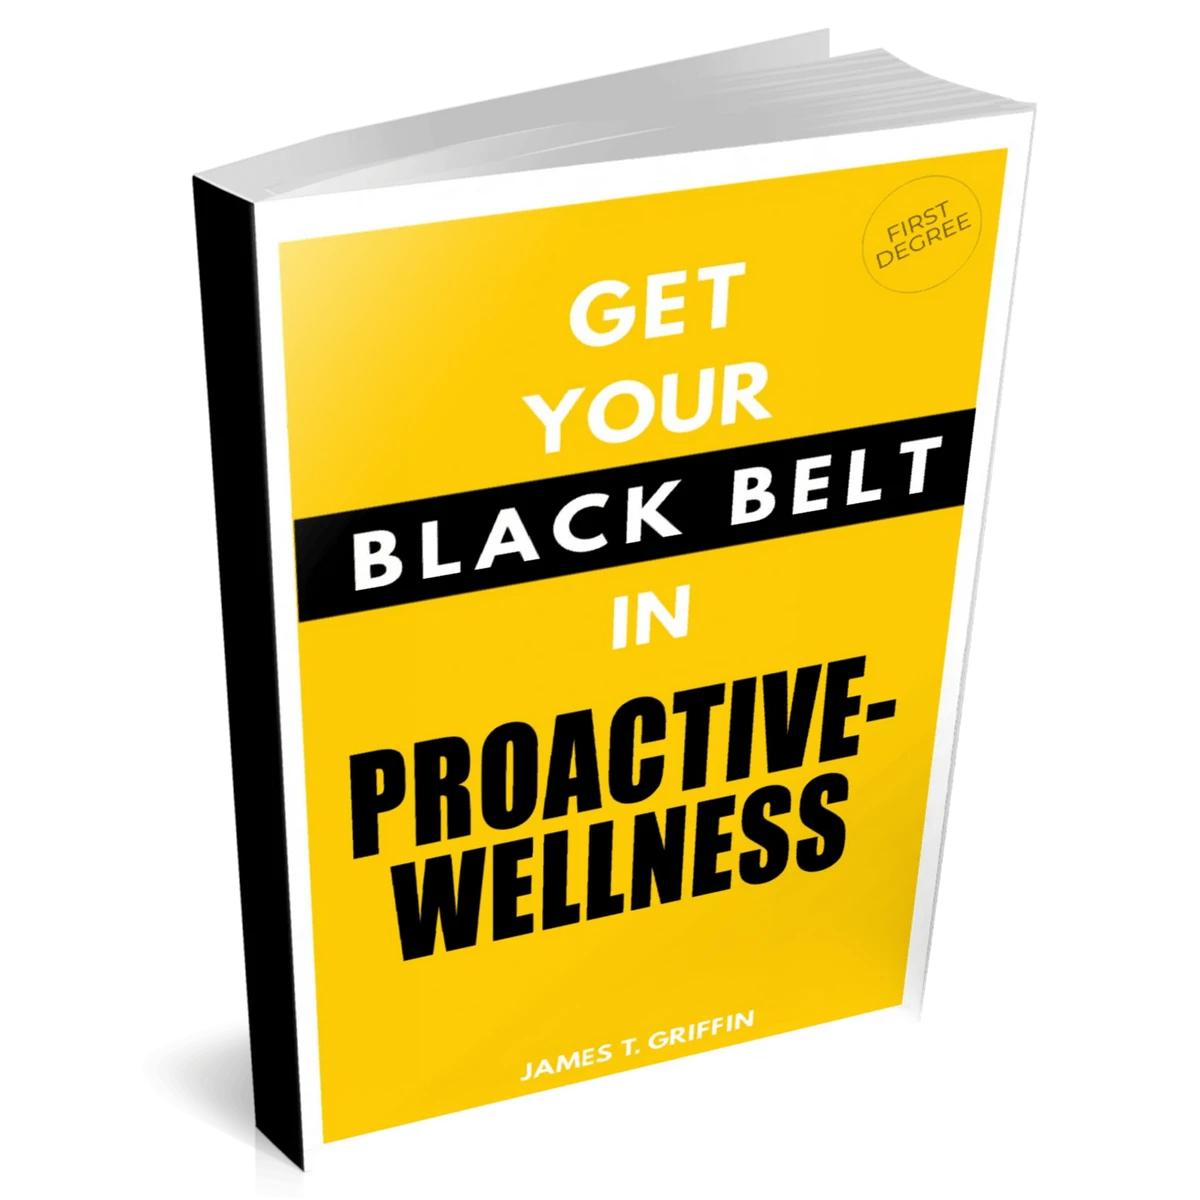 Black Belt In Proactive-Wellness